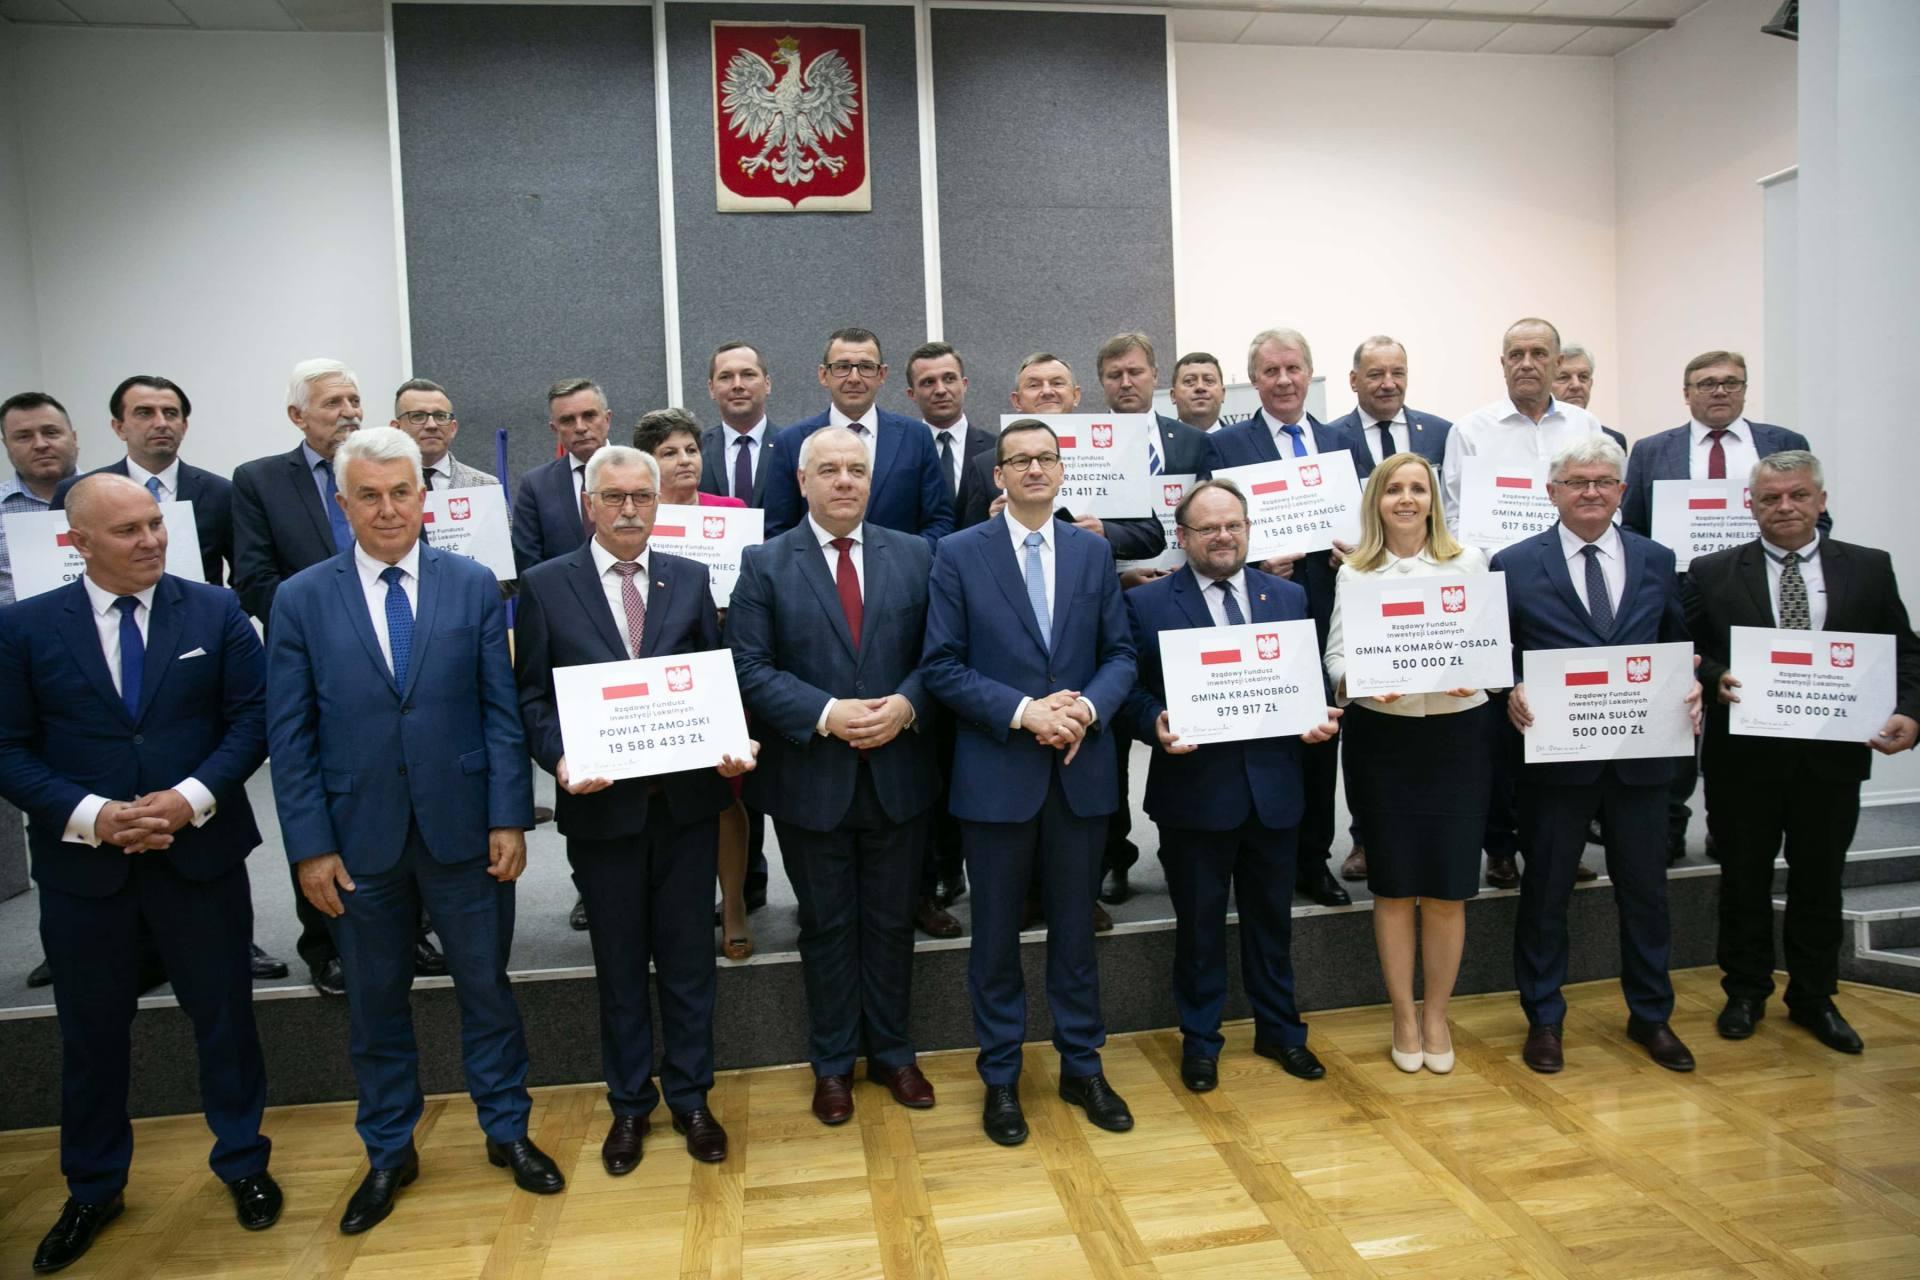 premier morawiecki w zamosciu 35 Premier Mateusz Morawiecki spotkał się z samorządowcami z Zamojszczyzny [ZDJĘCIA]